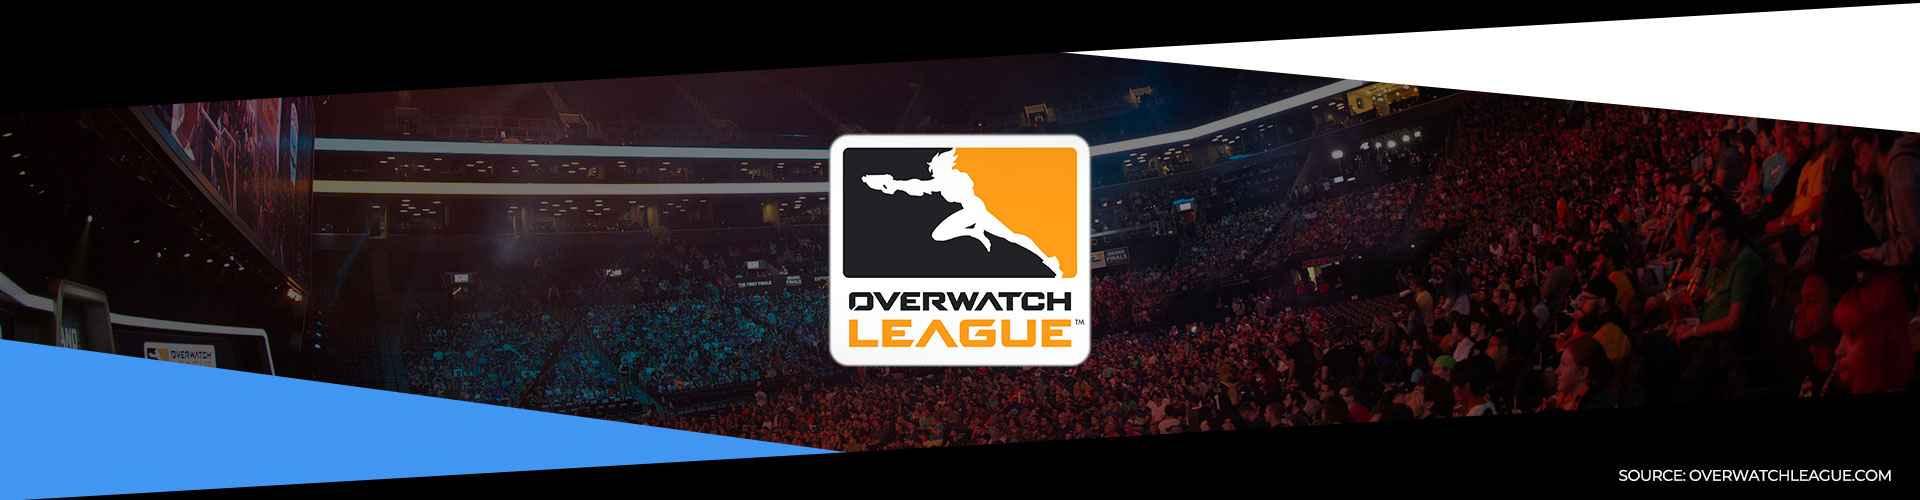 Eventsida för Overwatch Leagues första säsong och dess slutspel.